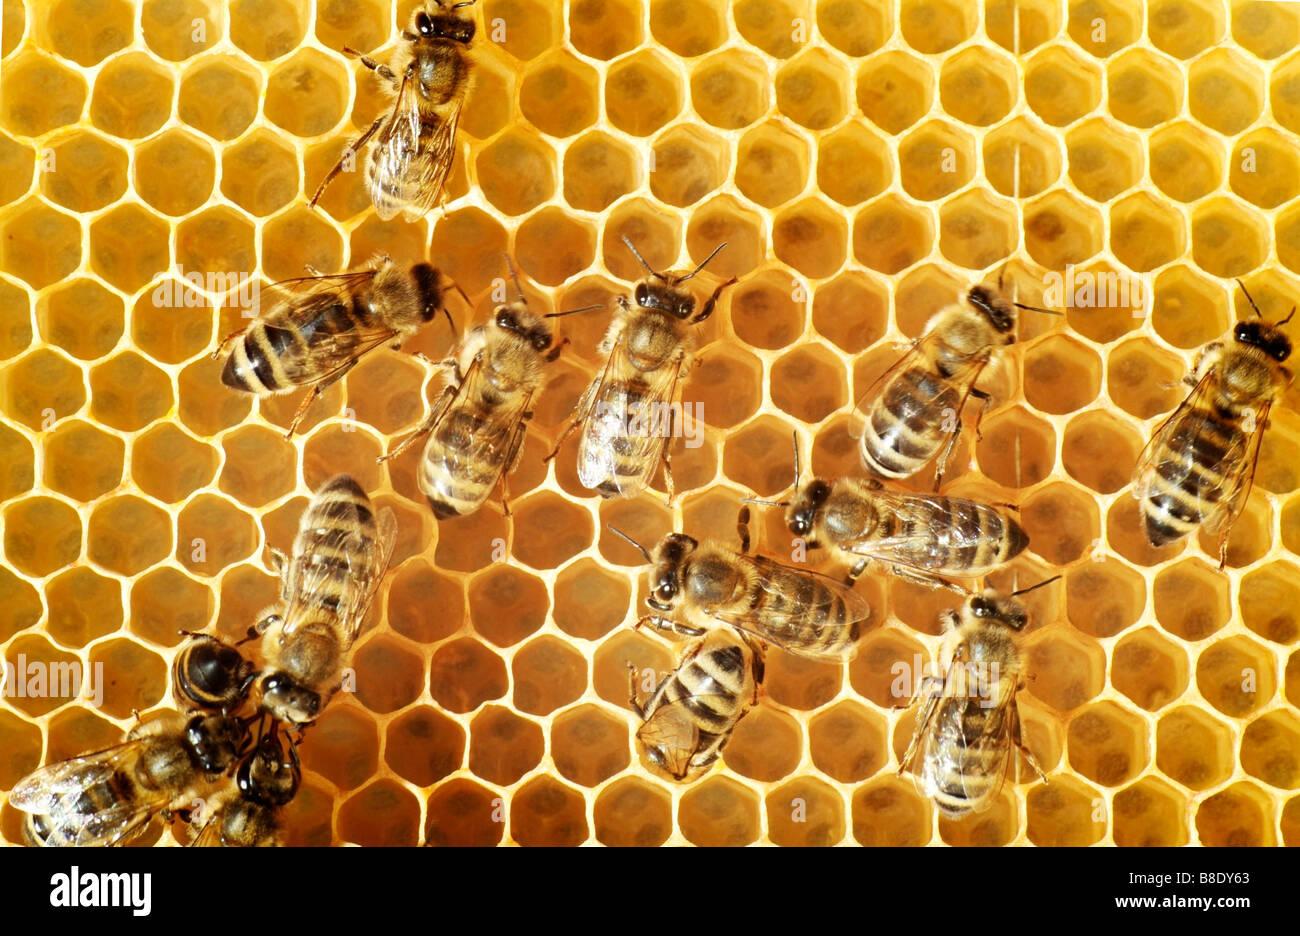 Vista aerea di api da miele su un pettine Immagini Stock